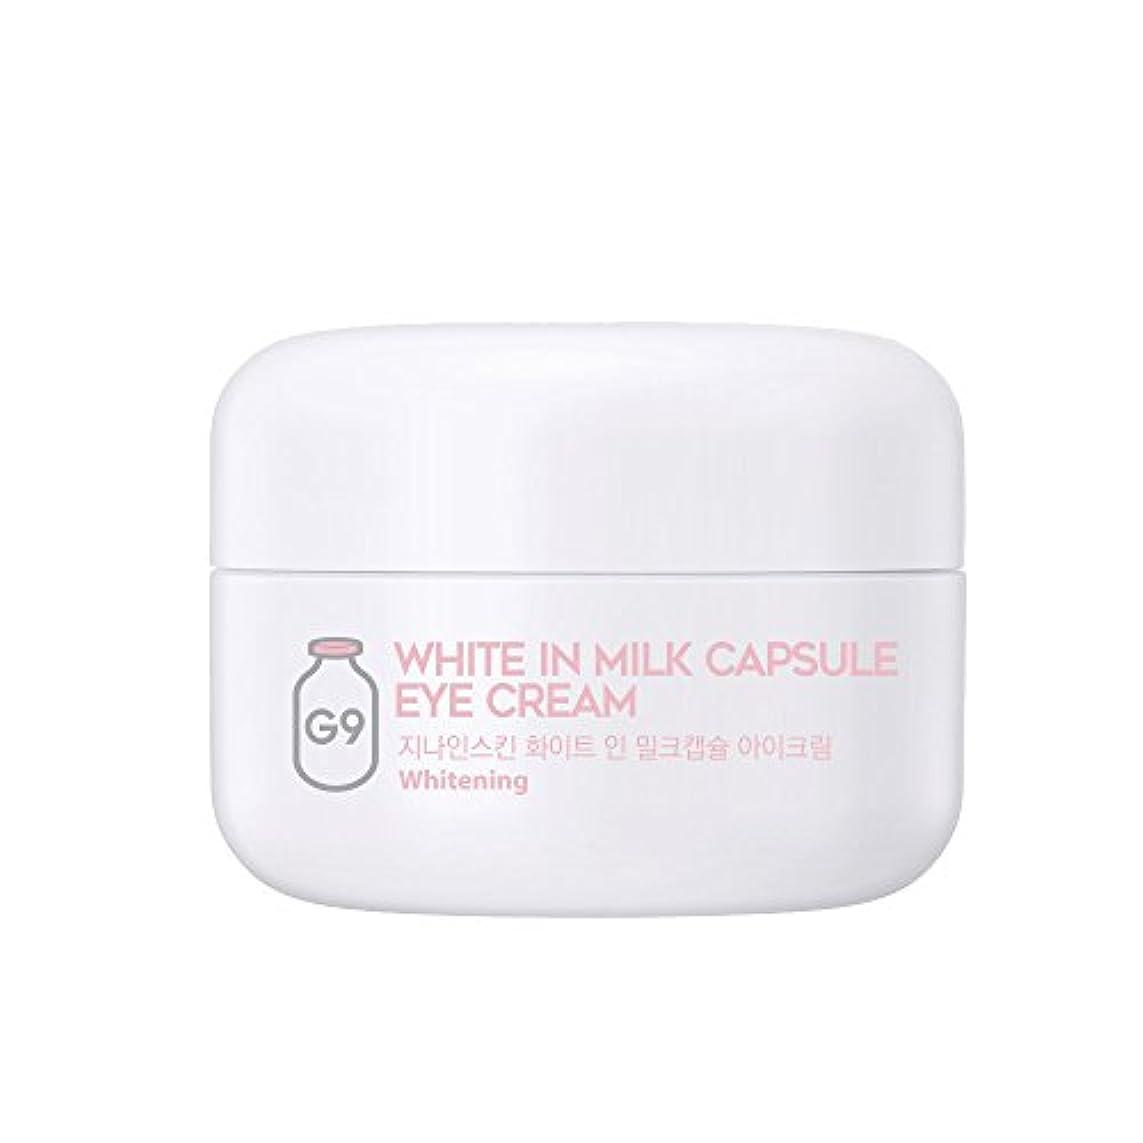 ロックれる条件付きG9SKIN(ベリサム) White In Milk Capsule Eye Cream ホワイトインミルクカプセルアイクリーム 30g